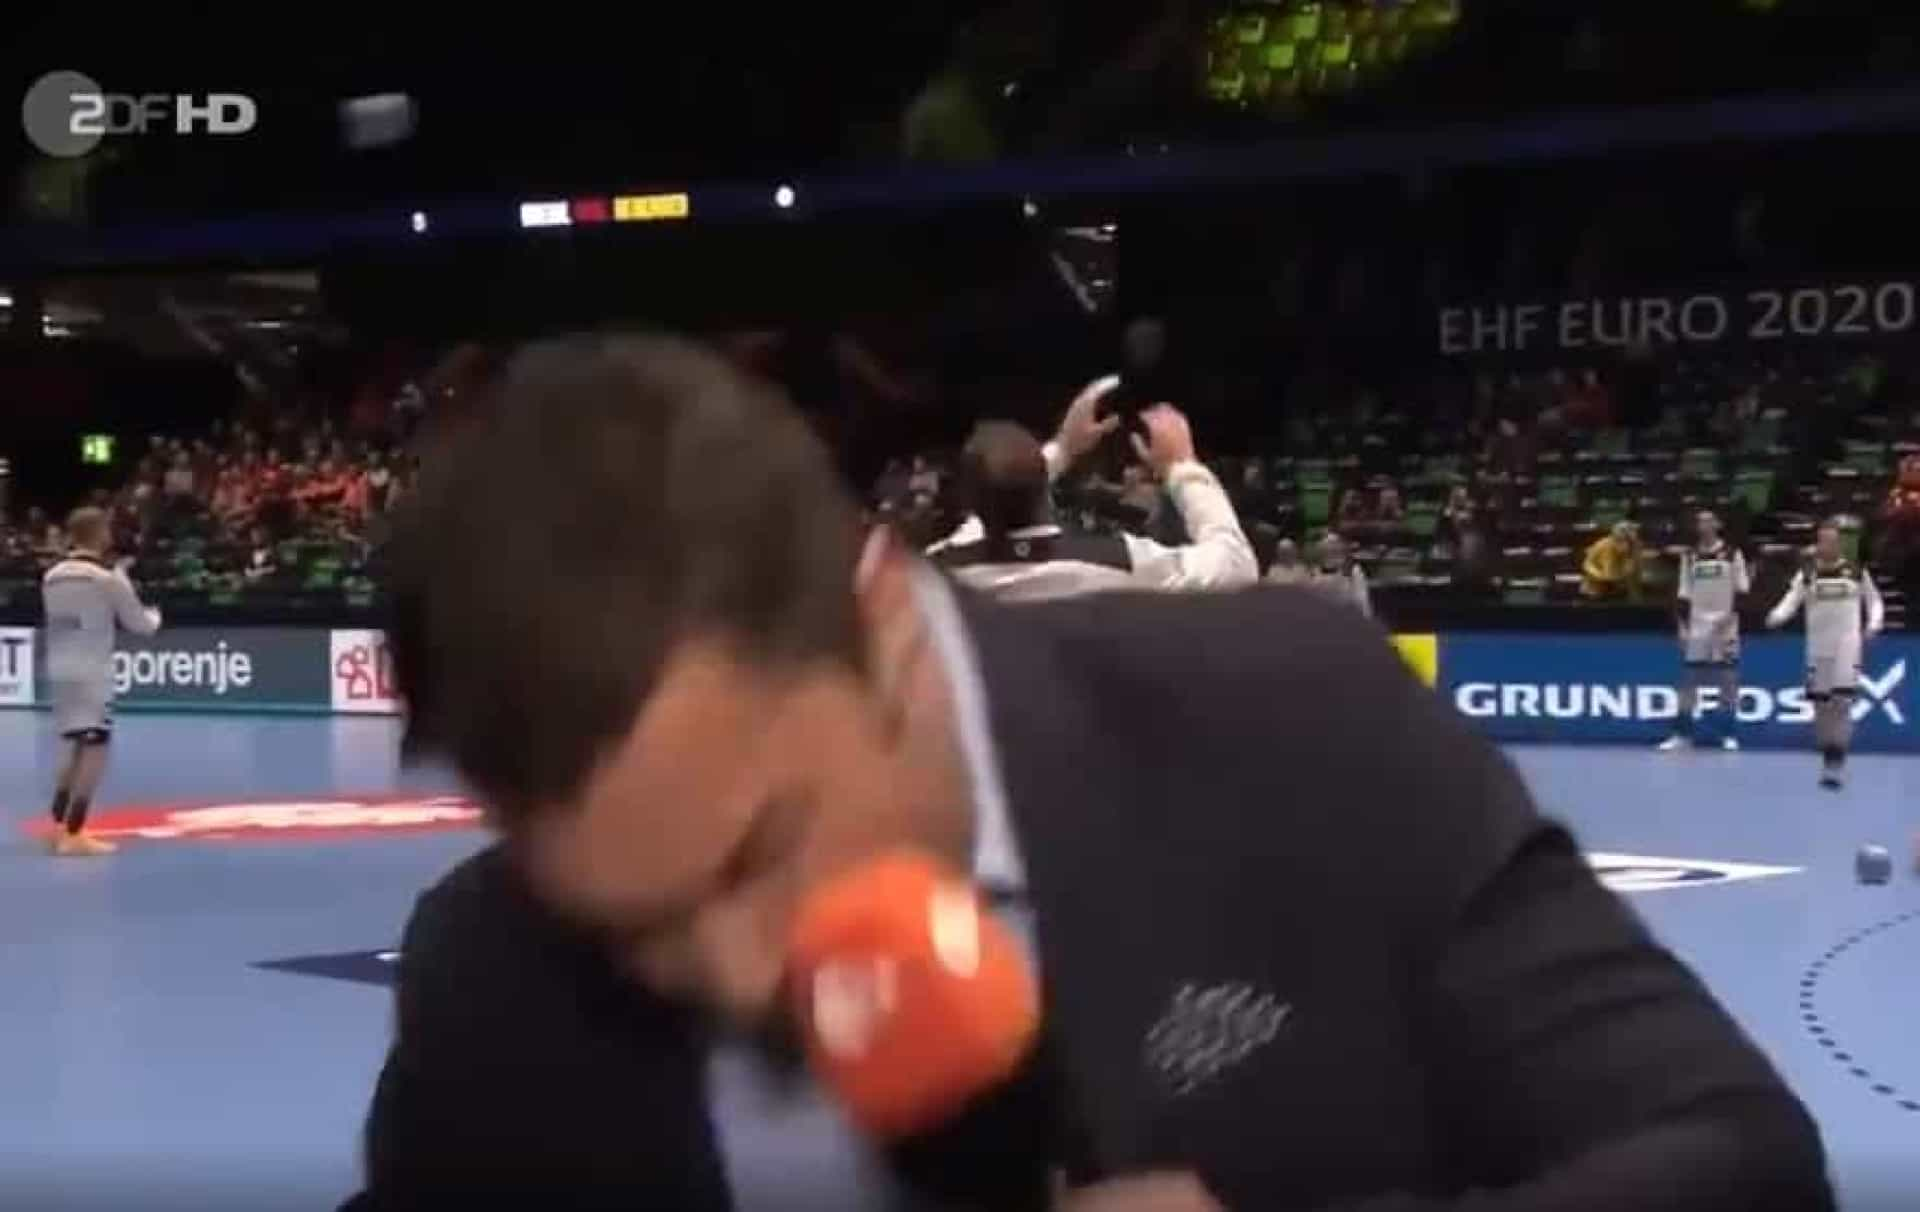 Euro'2020: Jornalista leva bolada em direto antes do Alemanha-Holanda